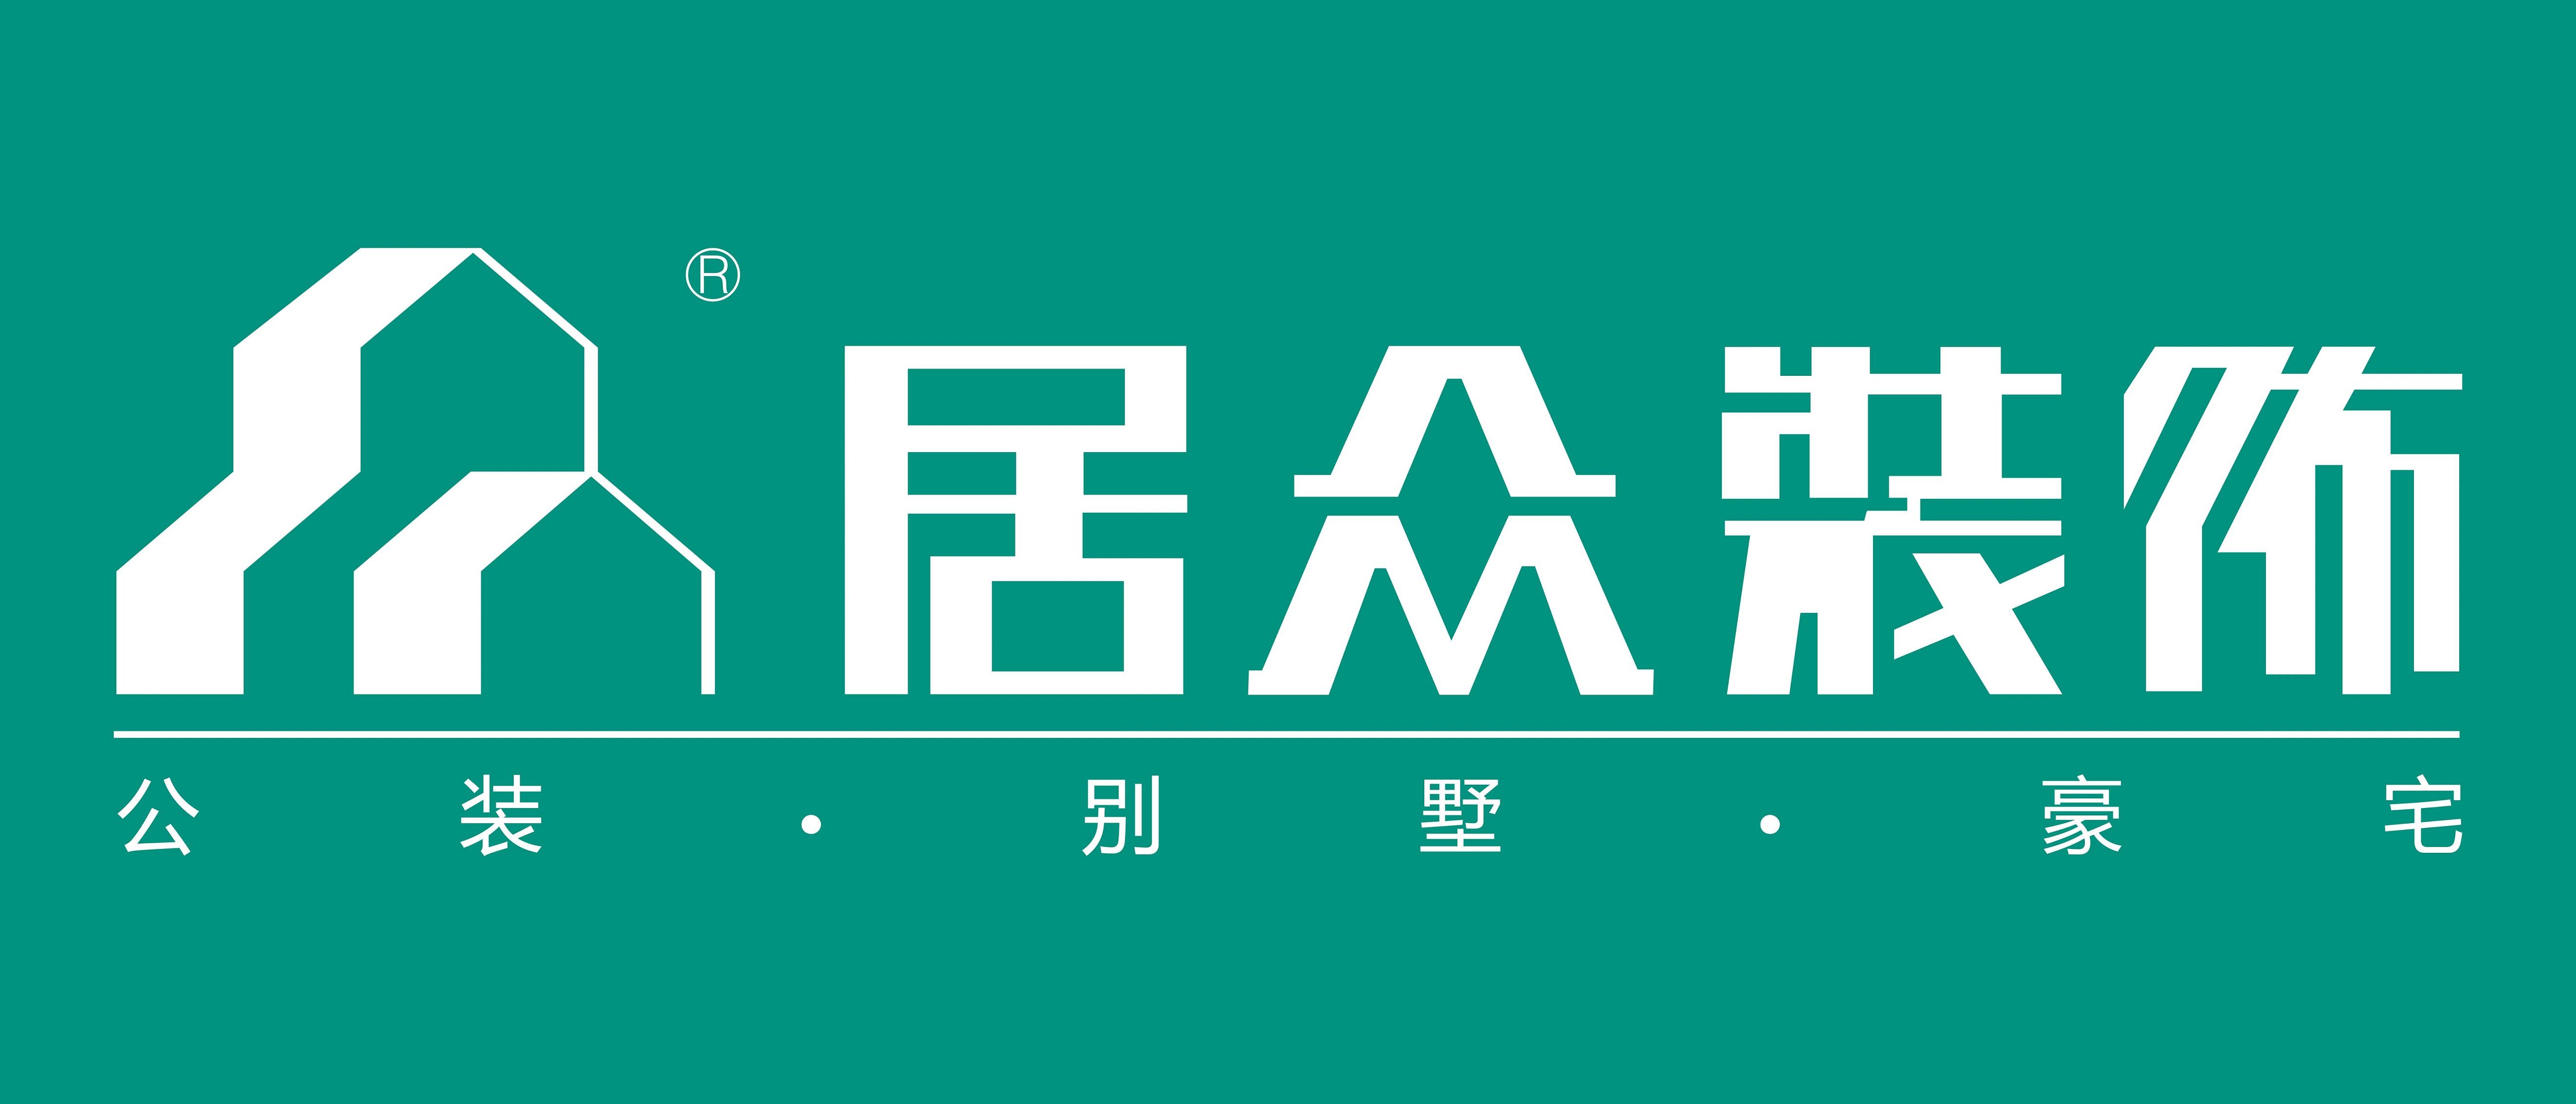 深圳市居众装饰设计工程有限公司苏州分公司